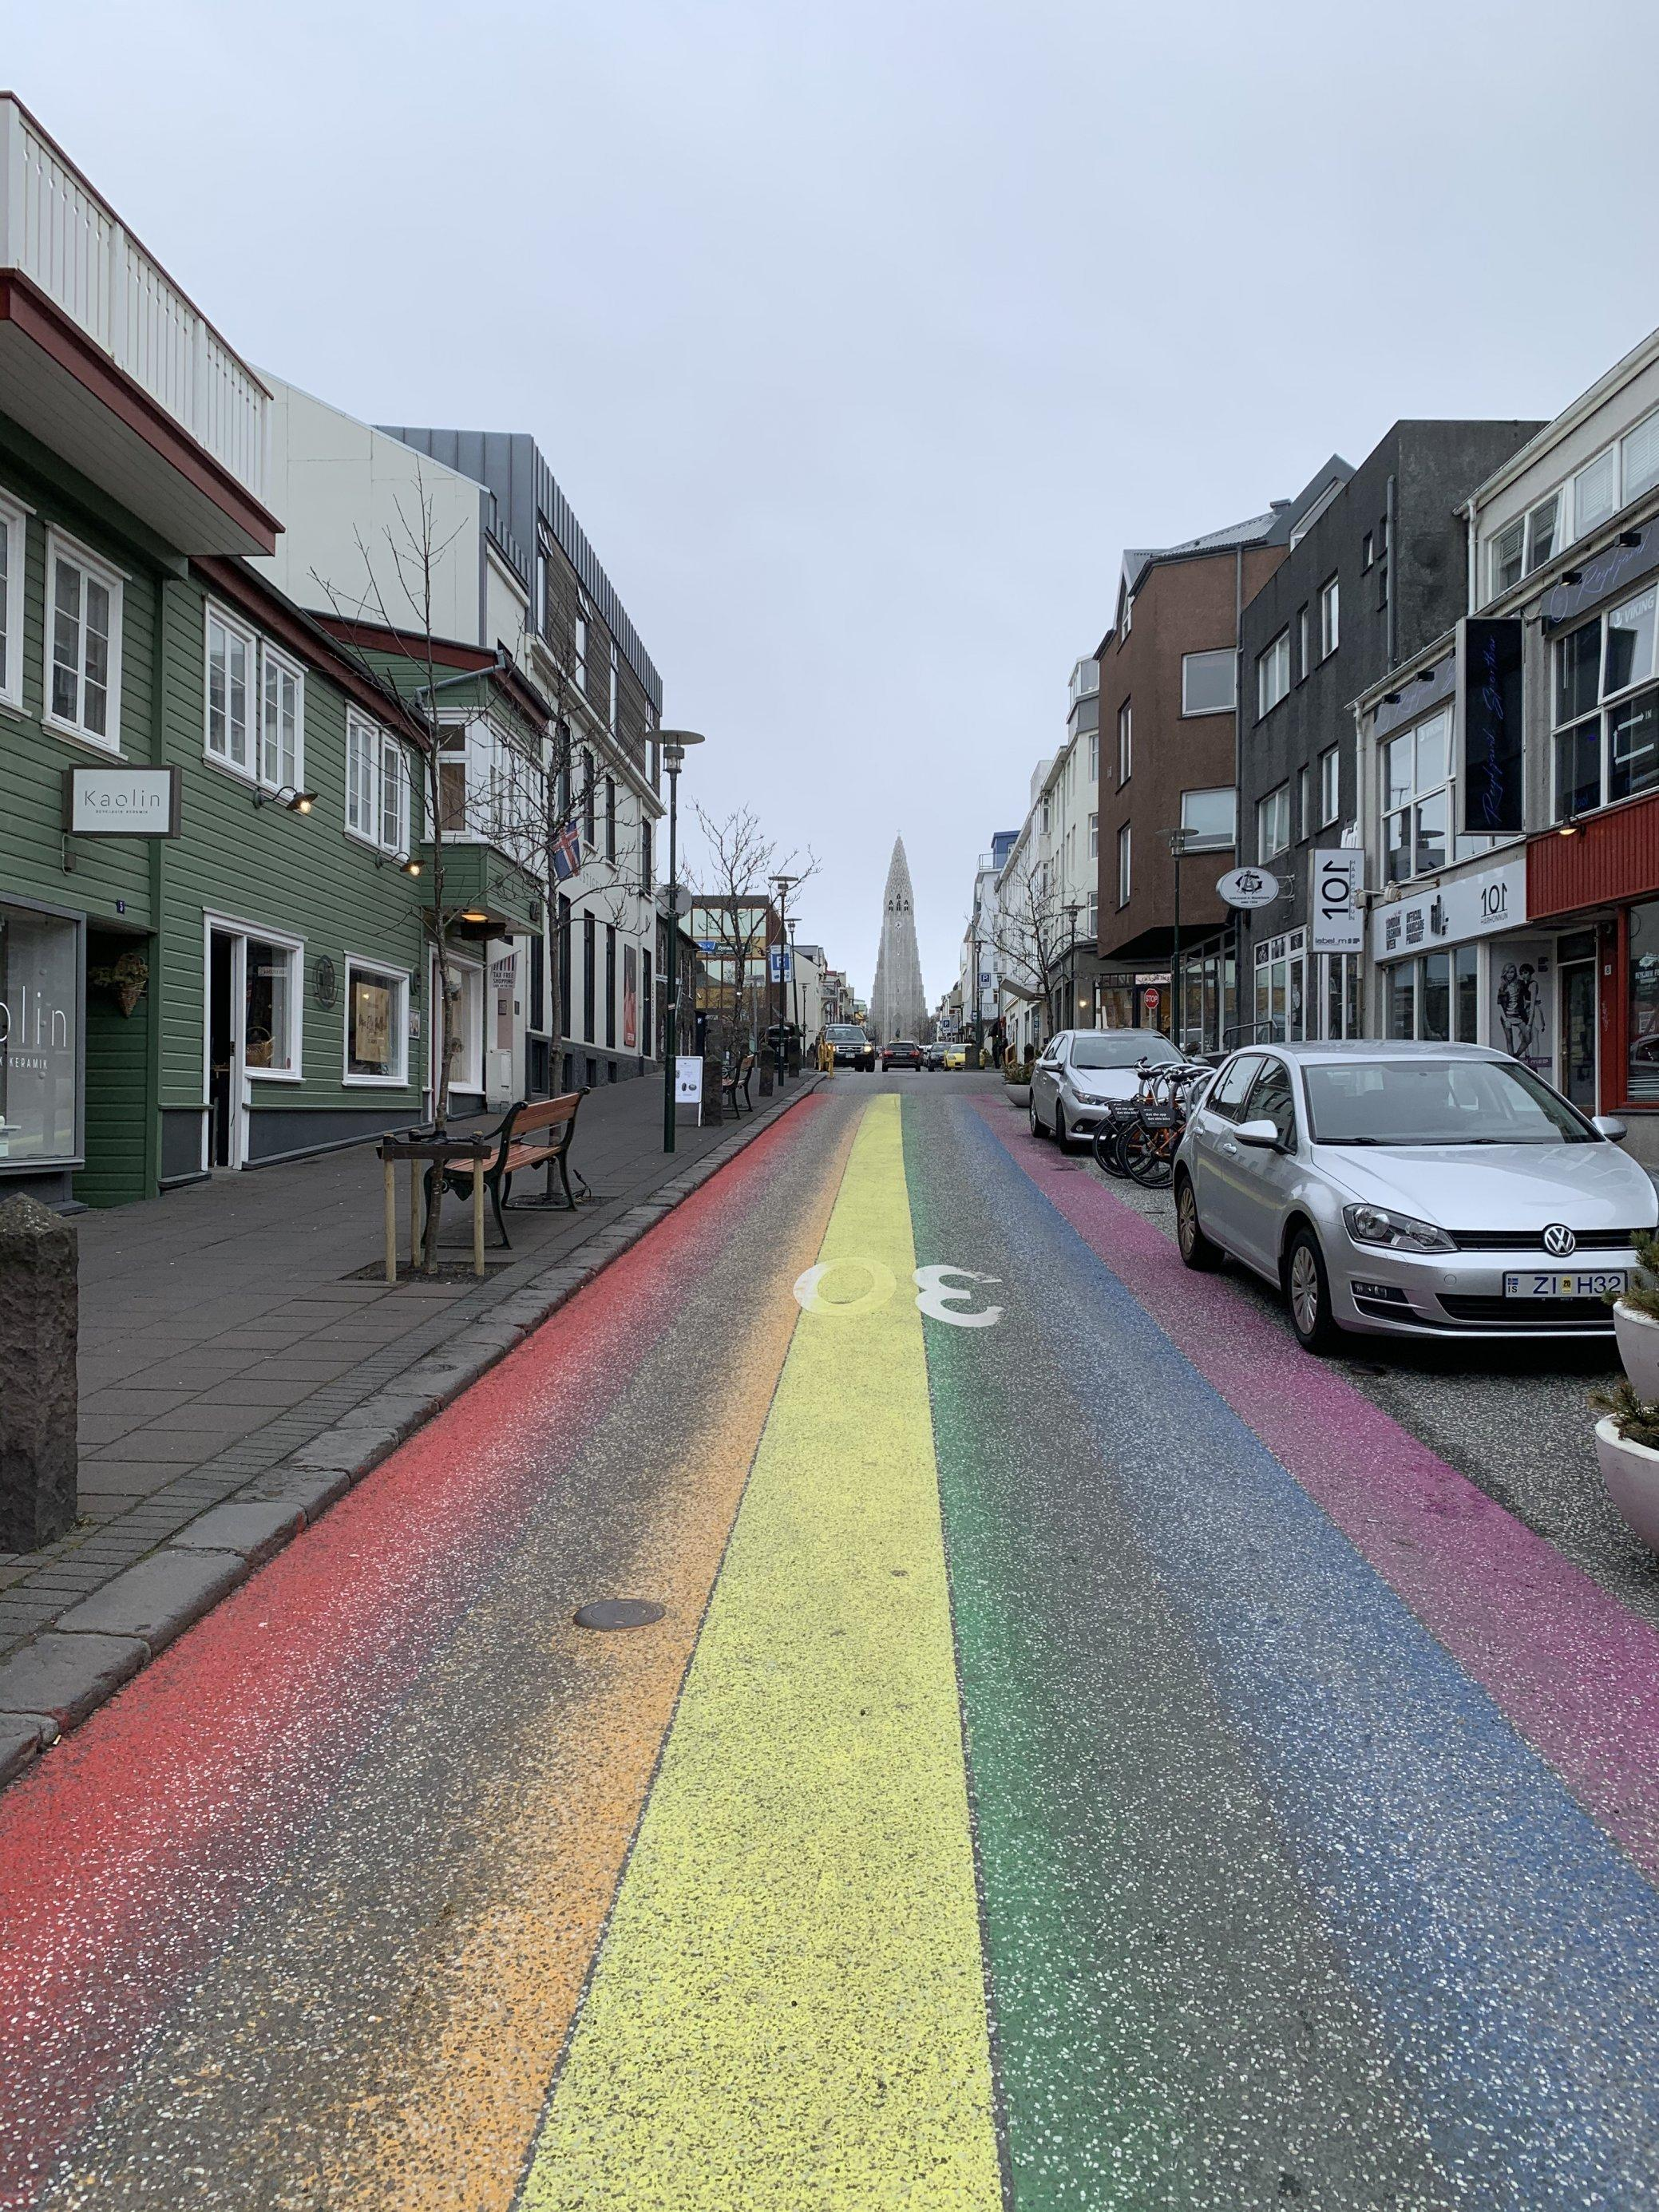 Leere Hauptstrasse in Reykjavik mit aufgemalten Regenbogen